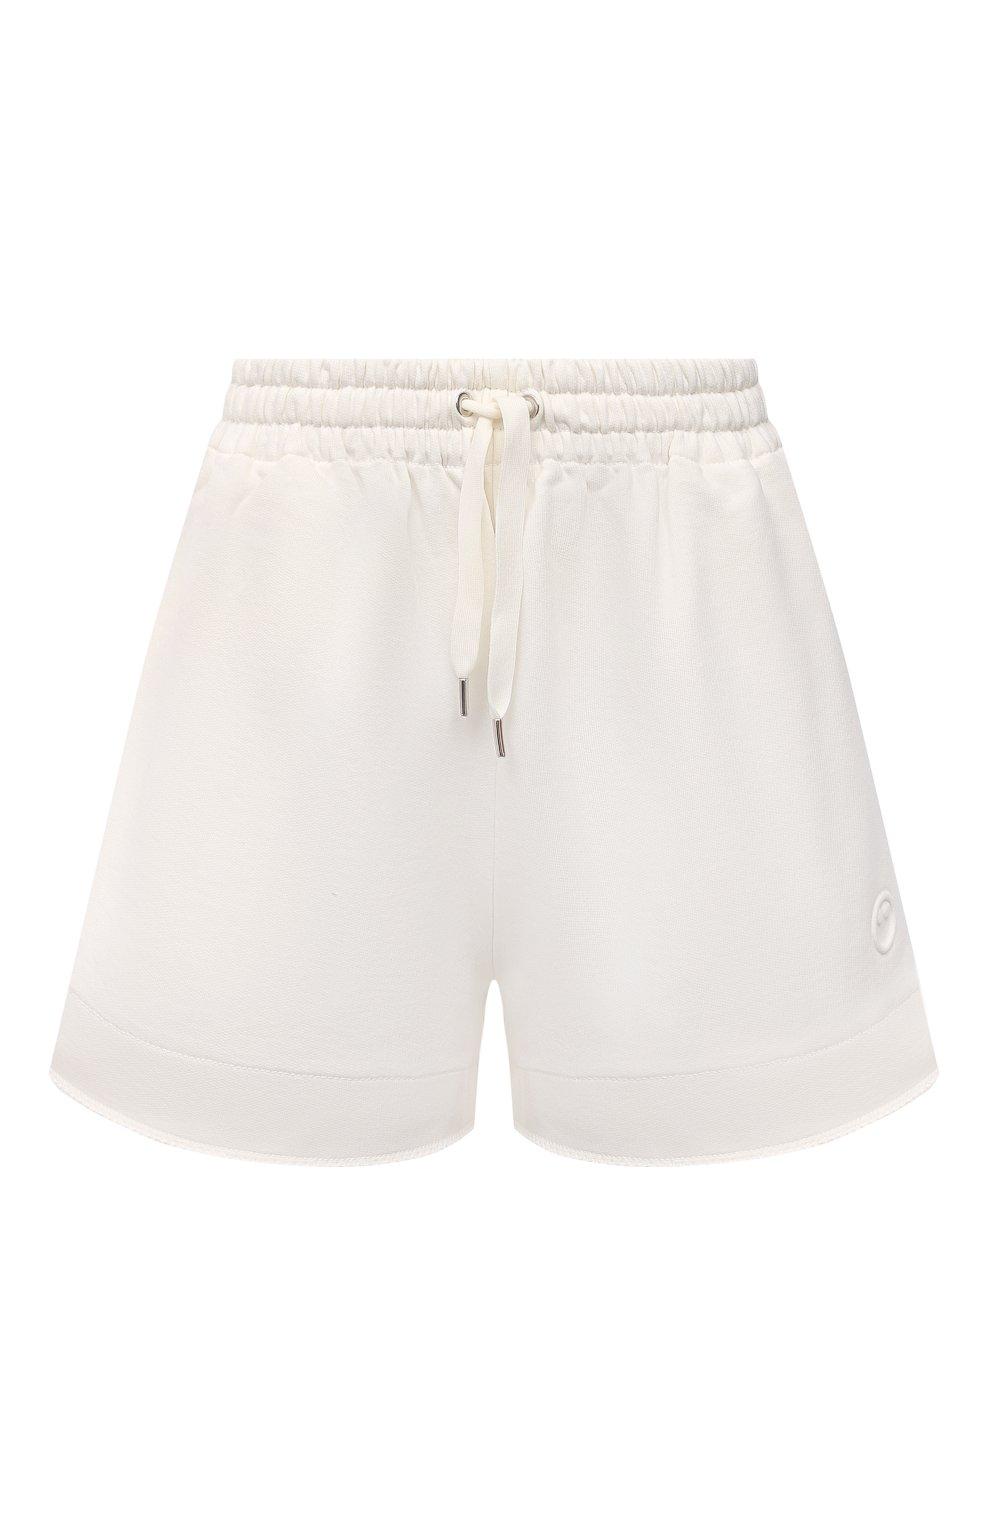 Женские хлопковые шорты AZ FACTORY белого цвета, арт. SH0004/0C1 | Фото 1 (Женское Кросс-КТ: Шорты-одежда; Длина Ж (юбки, платья, шорты): Мини; Кросс-КТ: Трикотаж; Материал внешний: Хлопок; Стили: Спорт-шик)